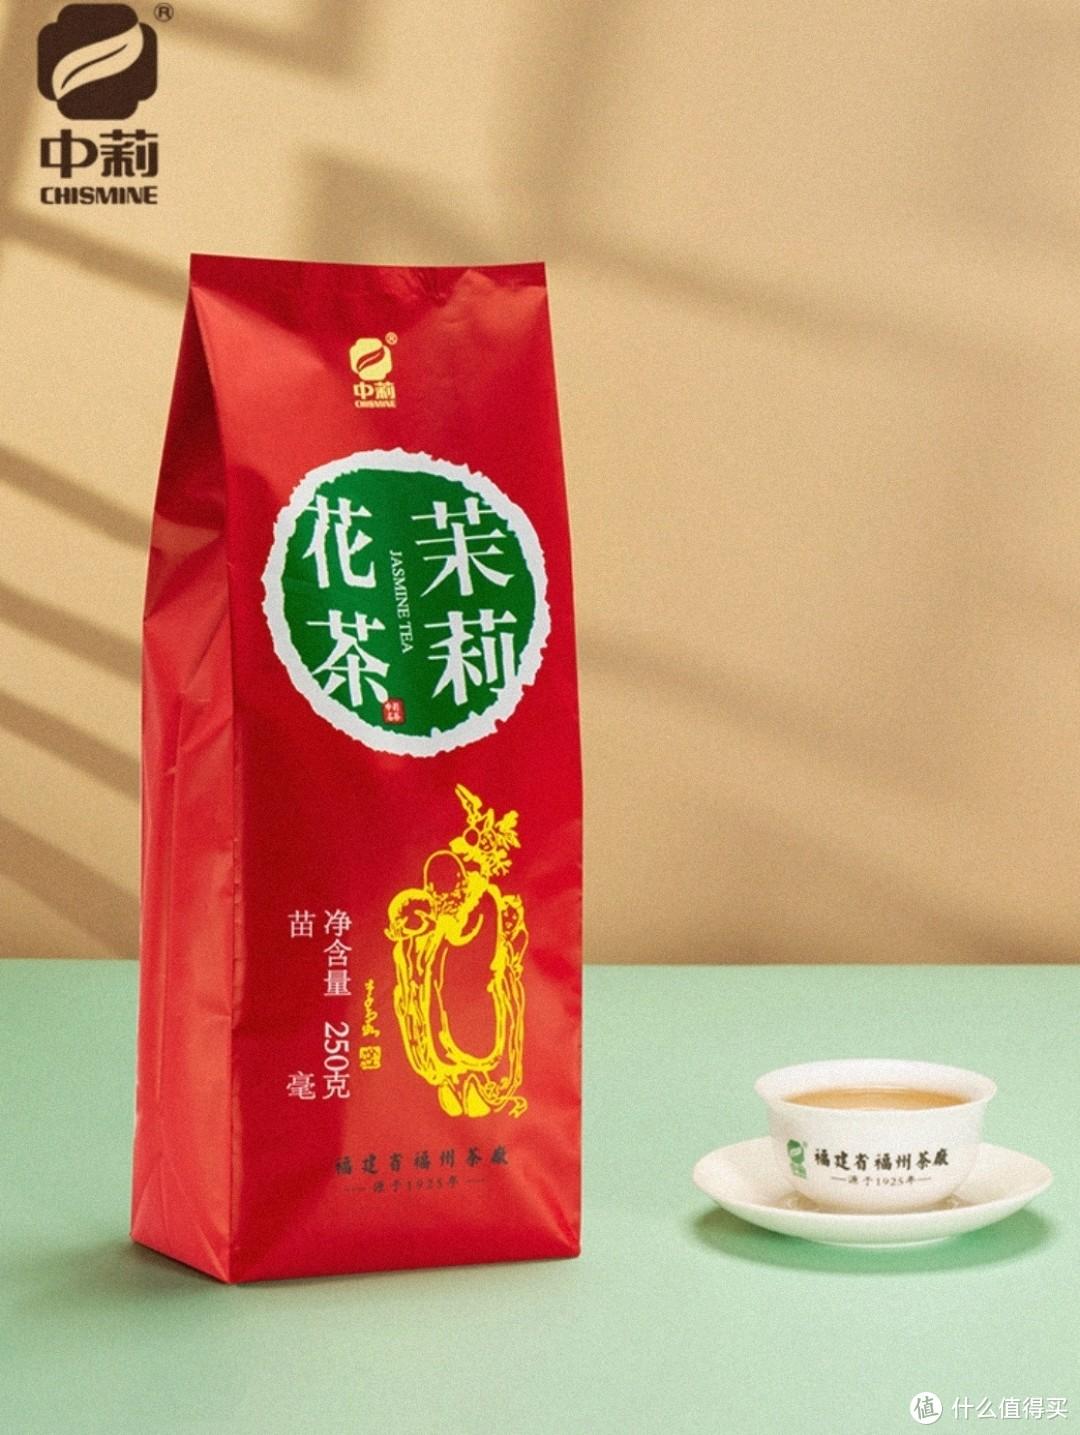 新茶已上市,口粮茶首选茉莉花茶